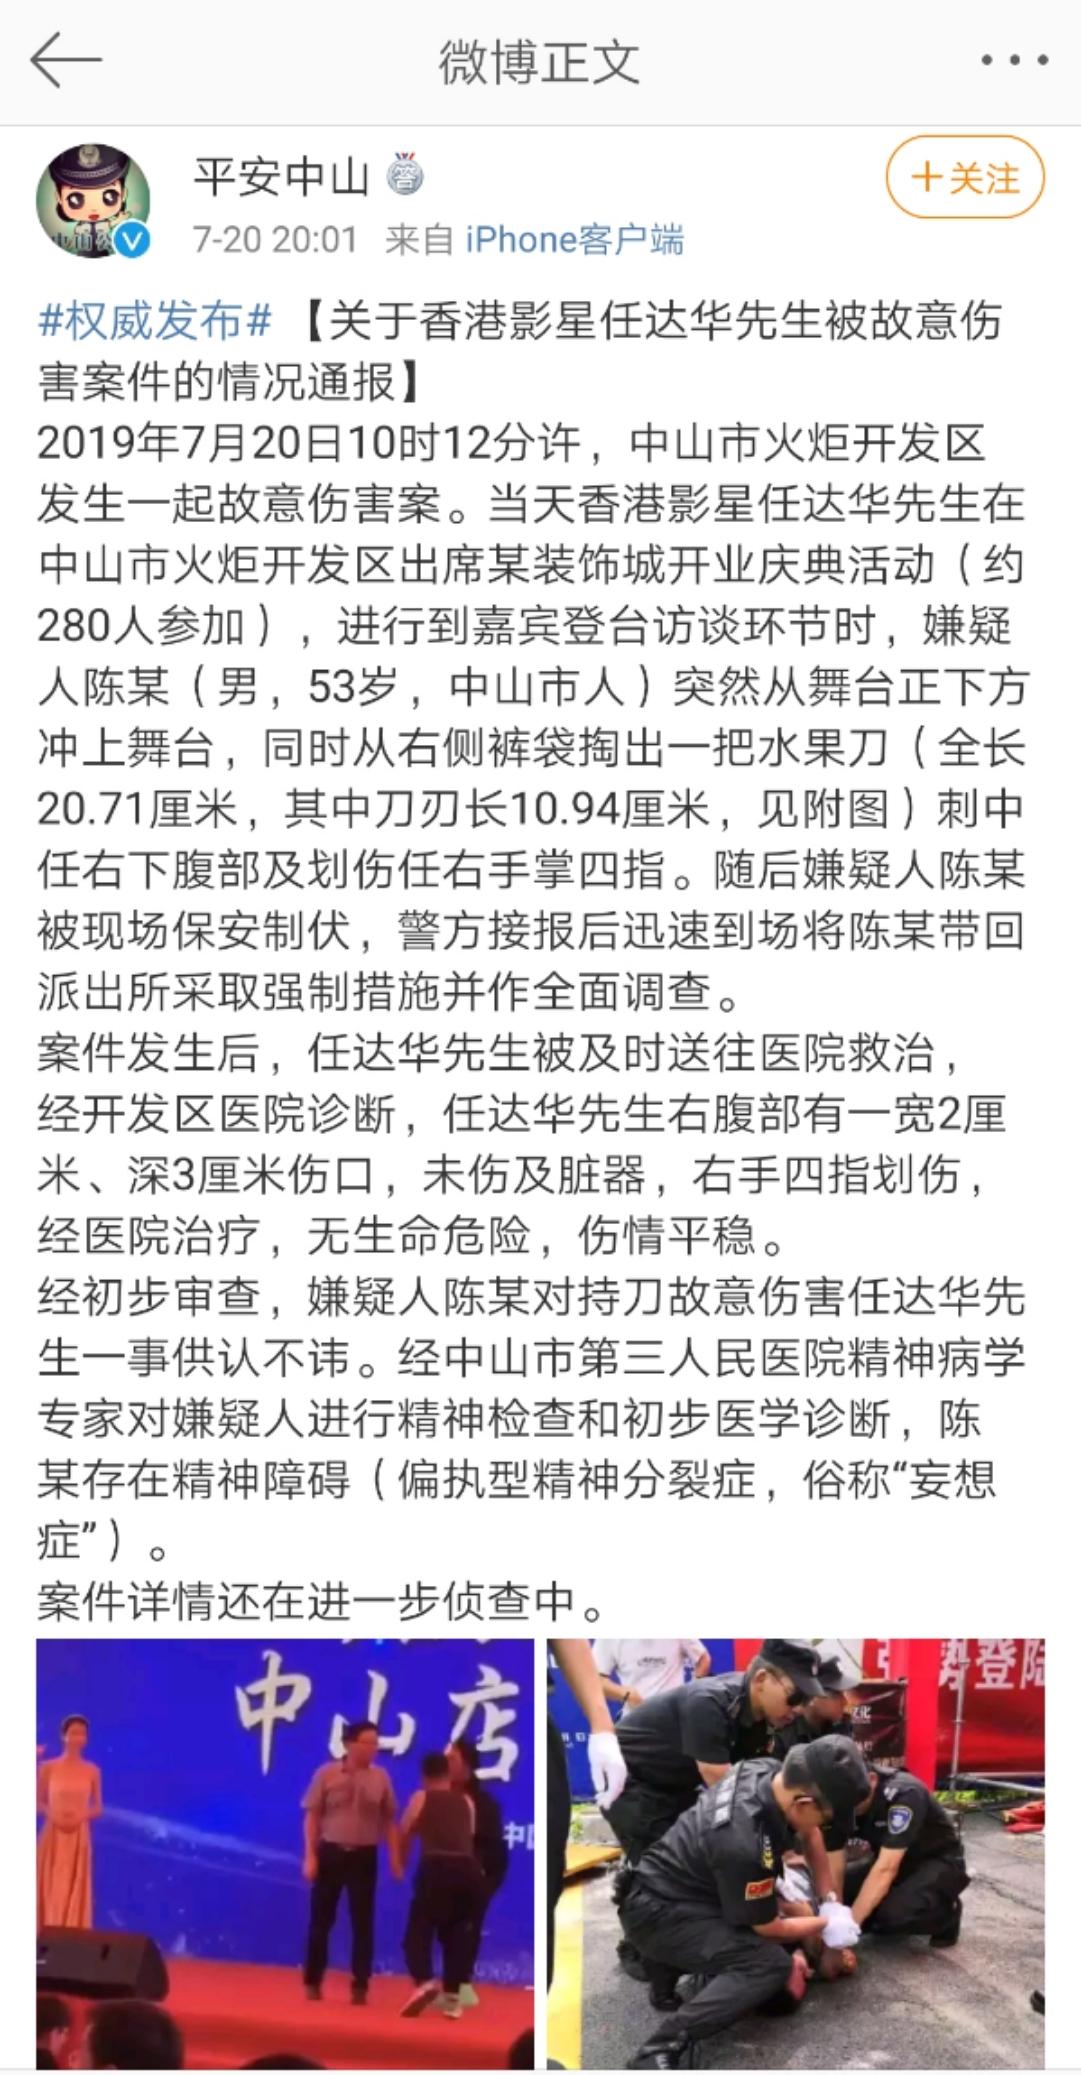 任达华被故意伤害案通报:嫌犯存在精神障碍